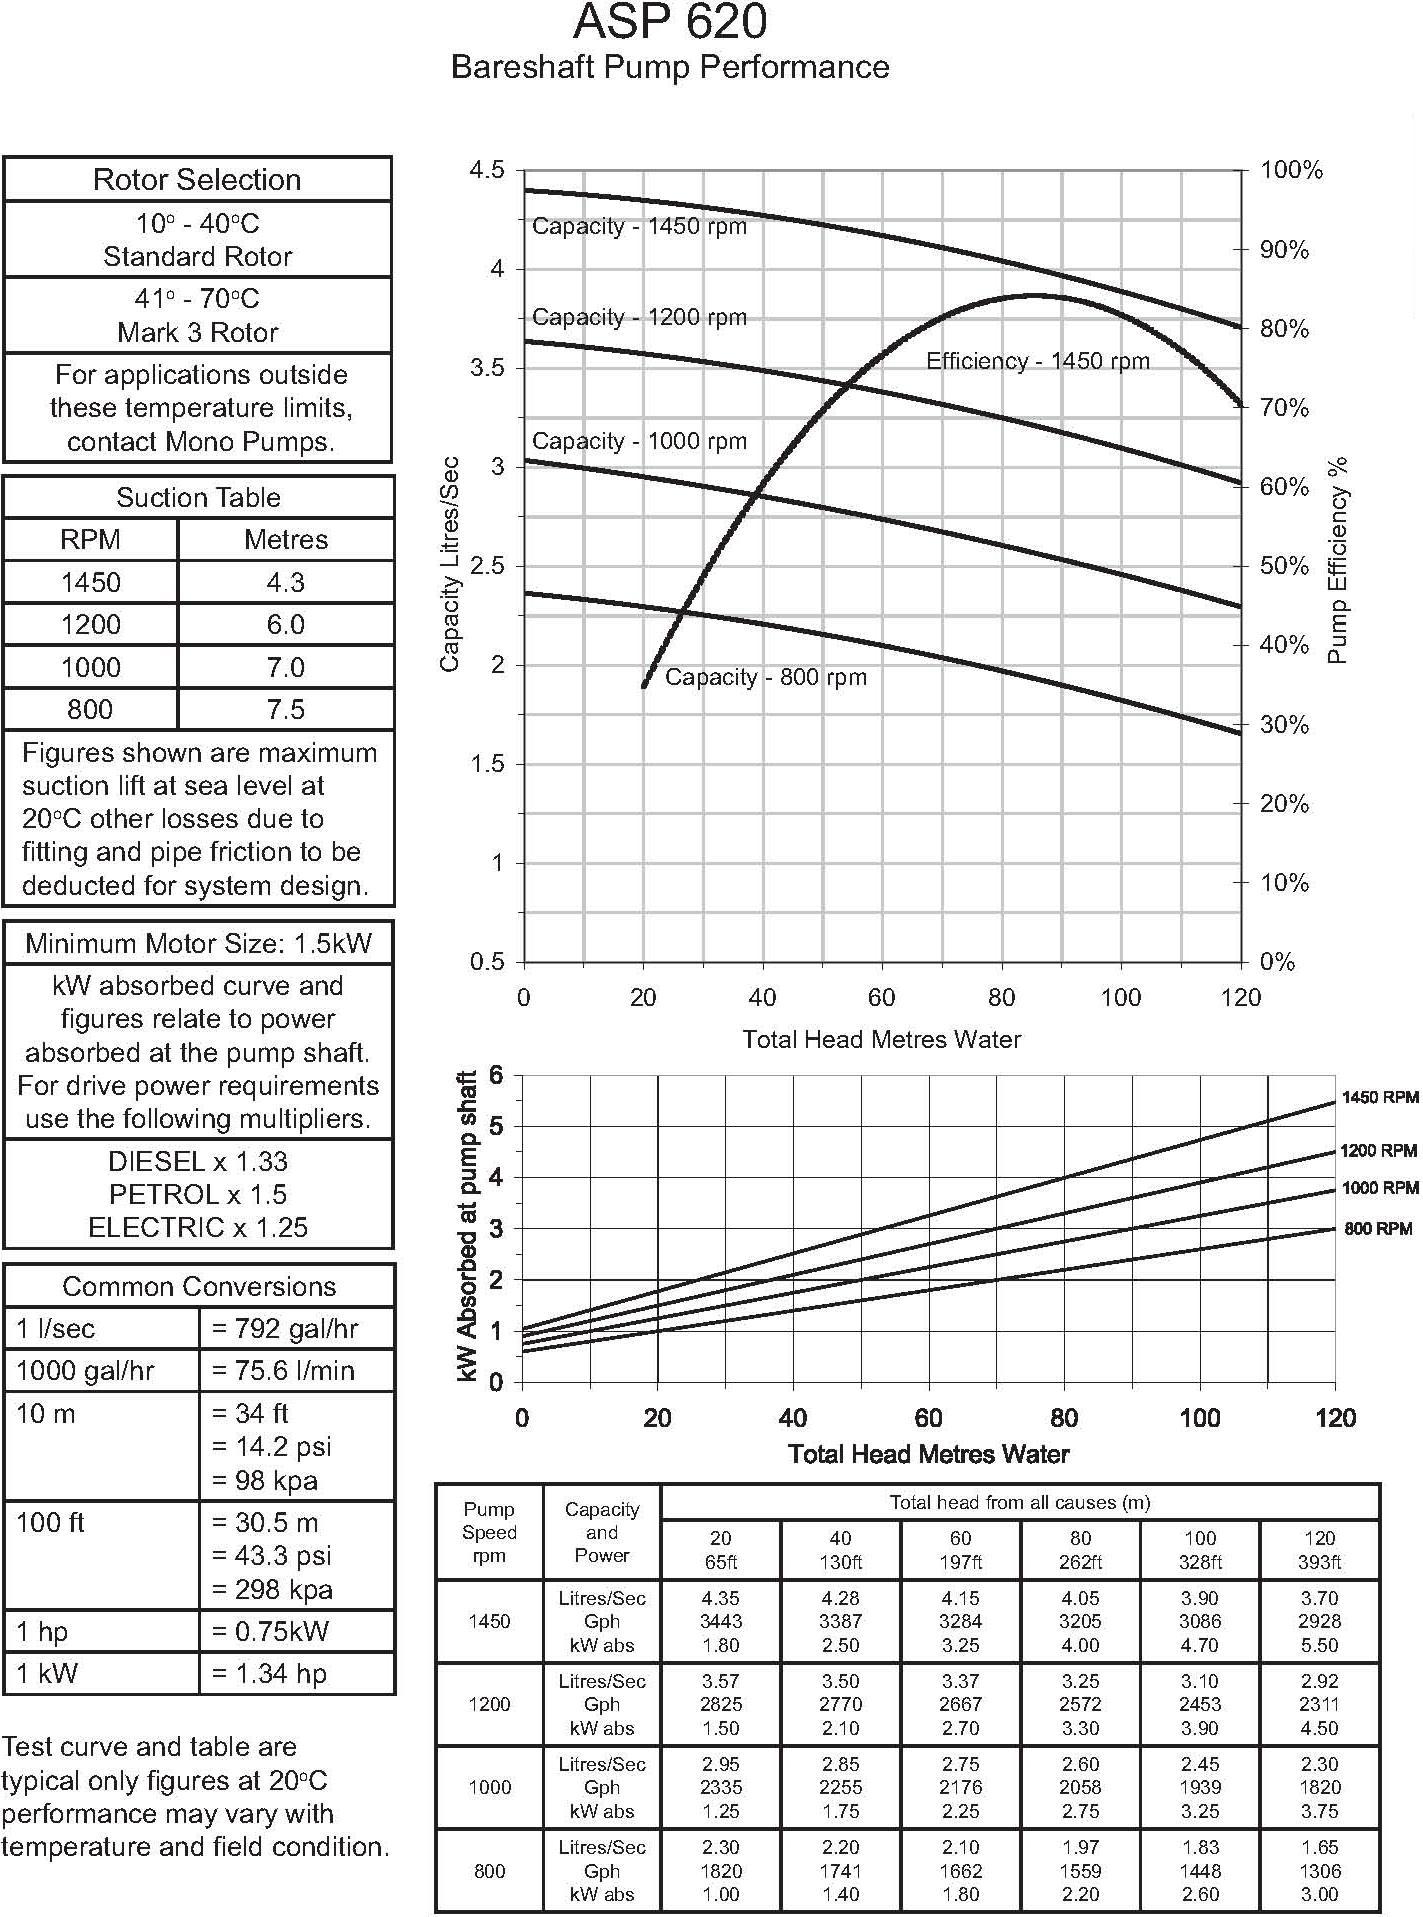 ASP620 Pump Curve